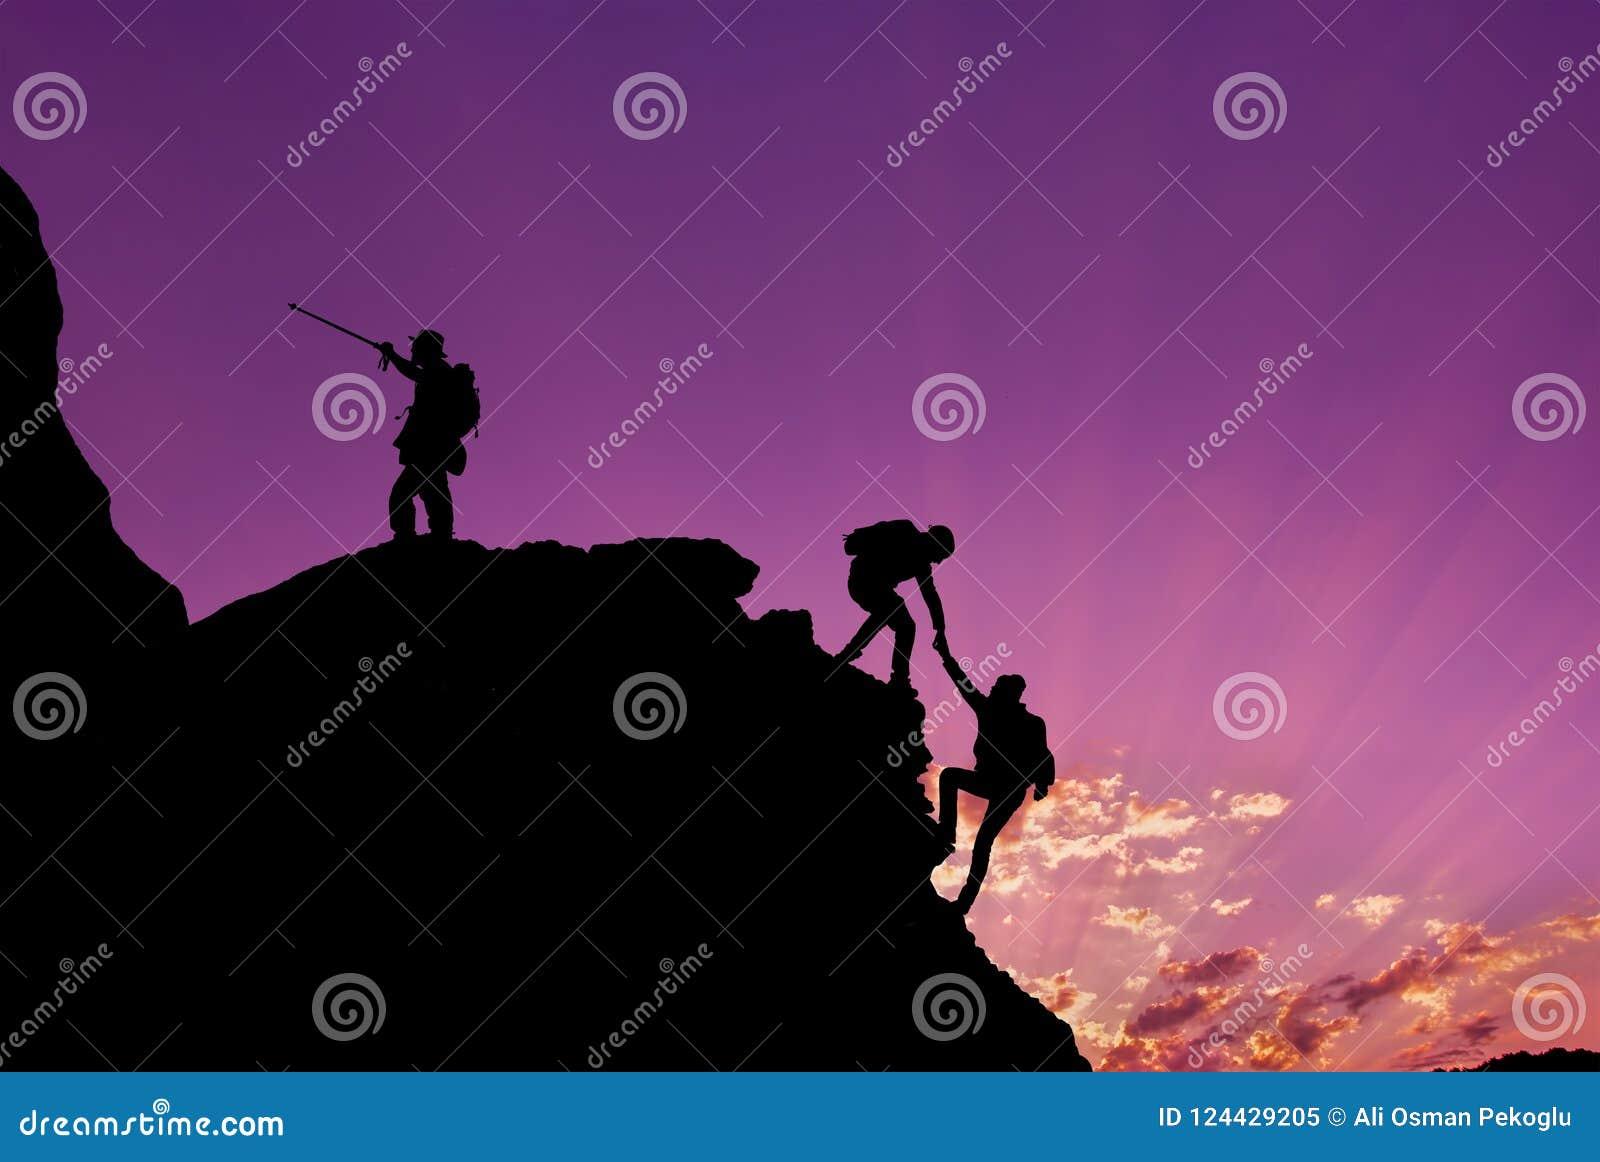 Hikers взбираясь на утесе, горе на заходе солнца, одном из их давая руку и помогая взобраться Сыгранность, помощь, успех, победит